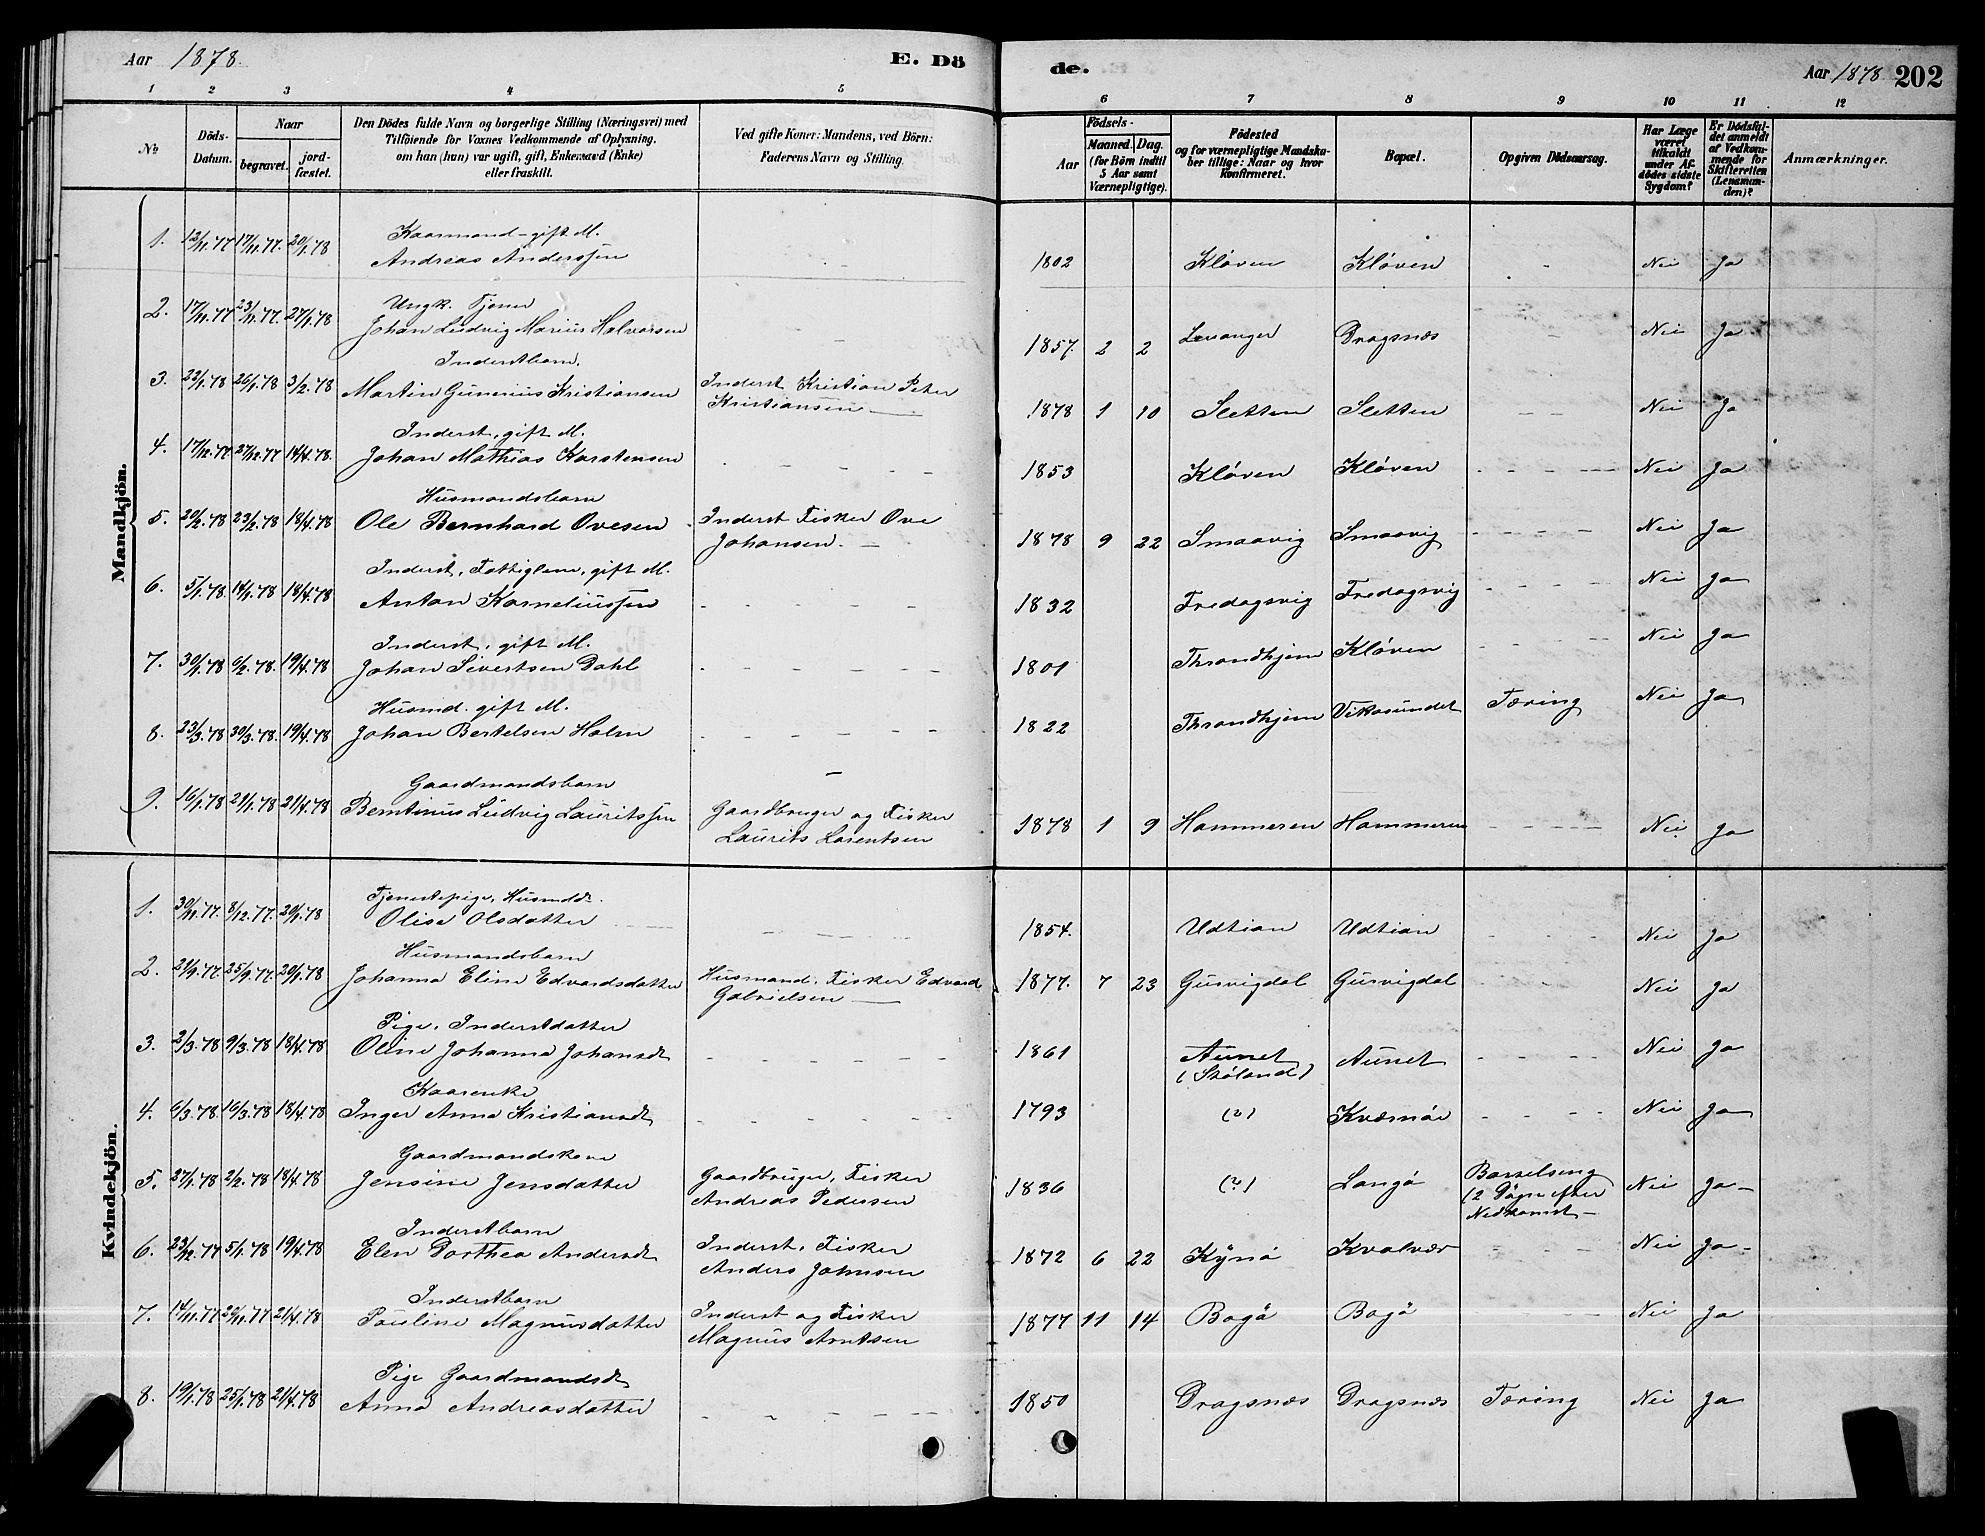 SAT, Ministerialprotokoller, klokkerbøker og fødselsregistre - Sør-Trøndelag, 640/L0585: Klokkerbok nr. 640C03, 1878-1891, s. 202